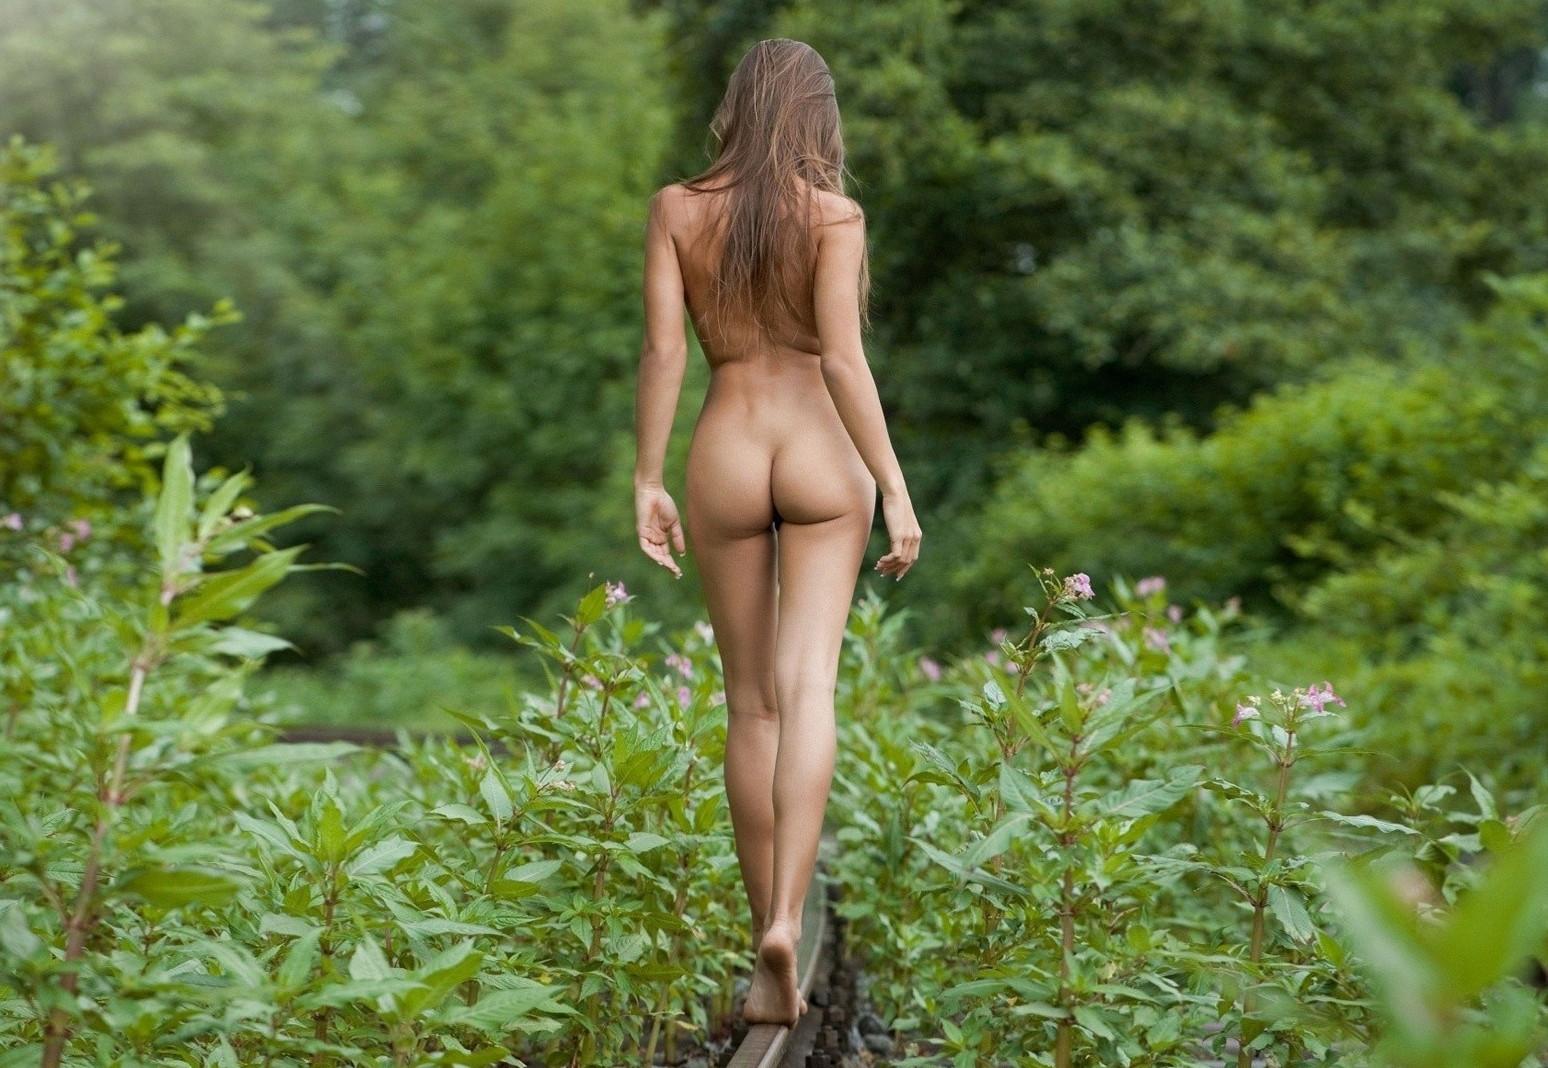 krasivaya-erotika-priroda